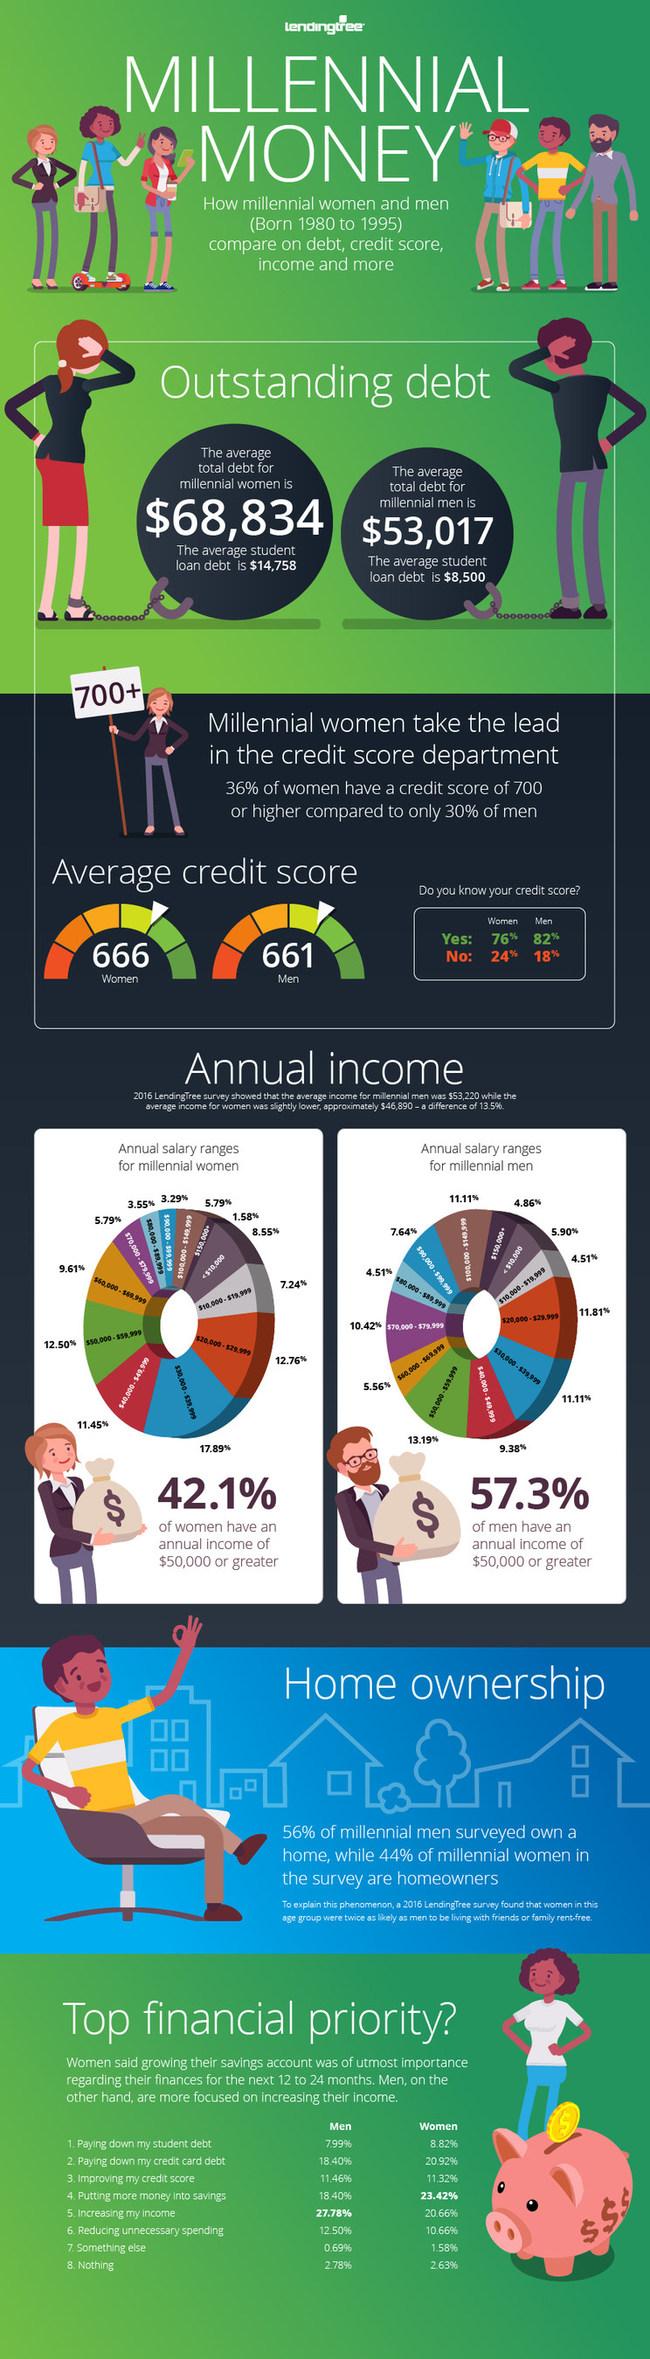 LendingTree Survey on Millennial Money: Men vs Women